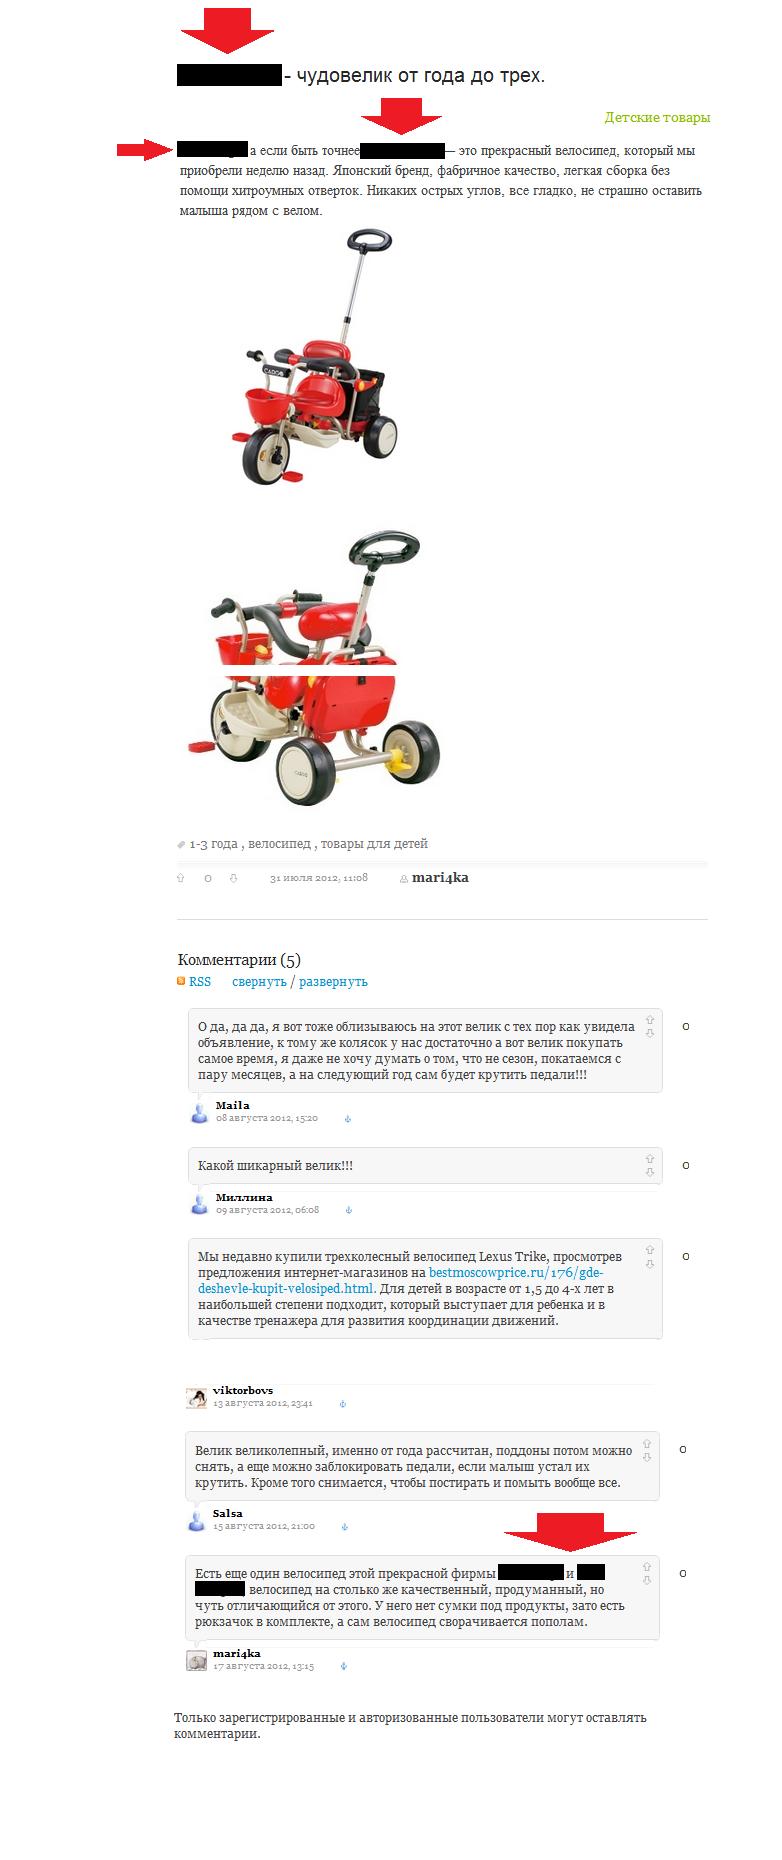 Пиар кампания детских брендов (коляски,велики,стульчики,колыбели,шезлонги, и тп)